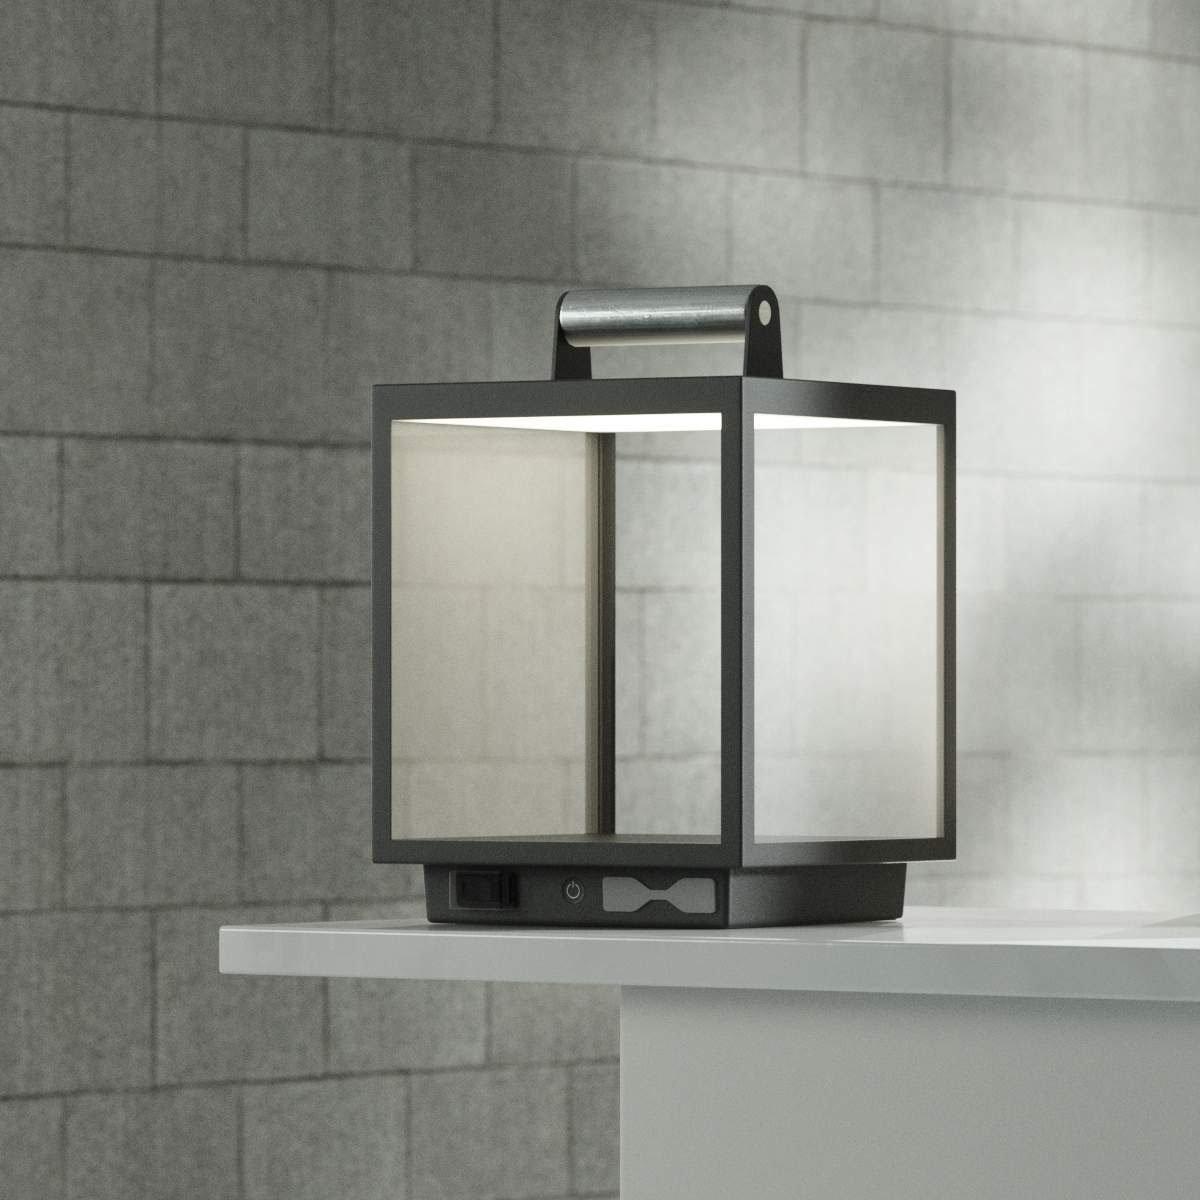 LED Tischleuchte Cube, 26,7x18x18 cm, Aluminium, grau